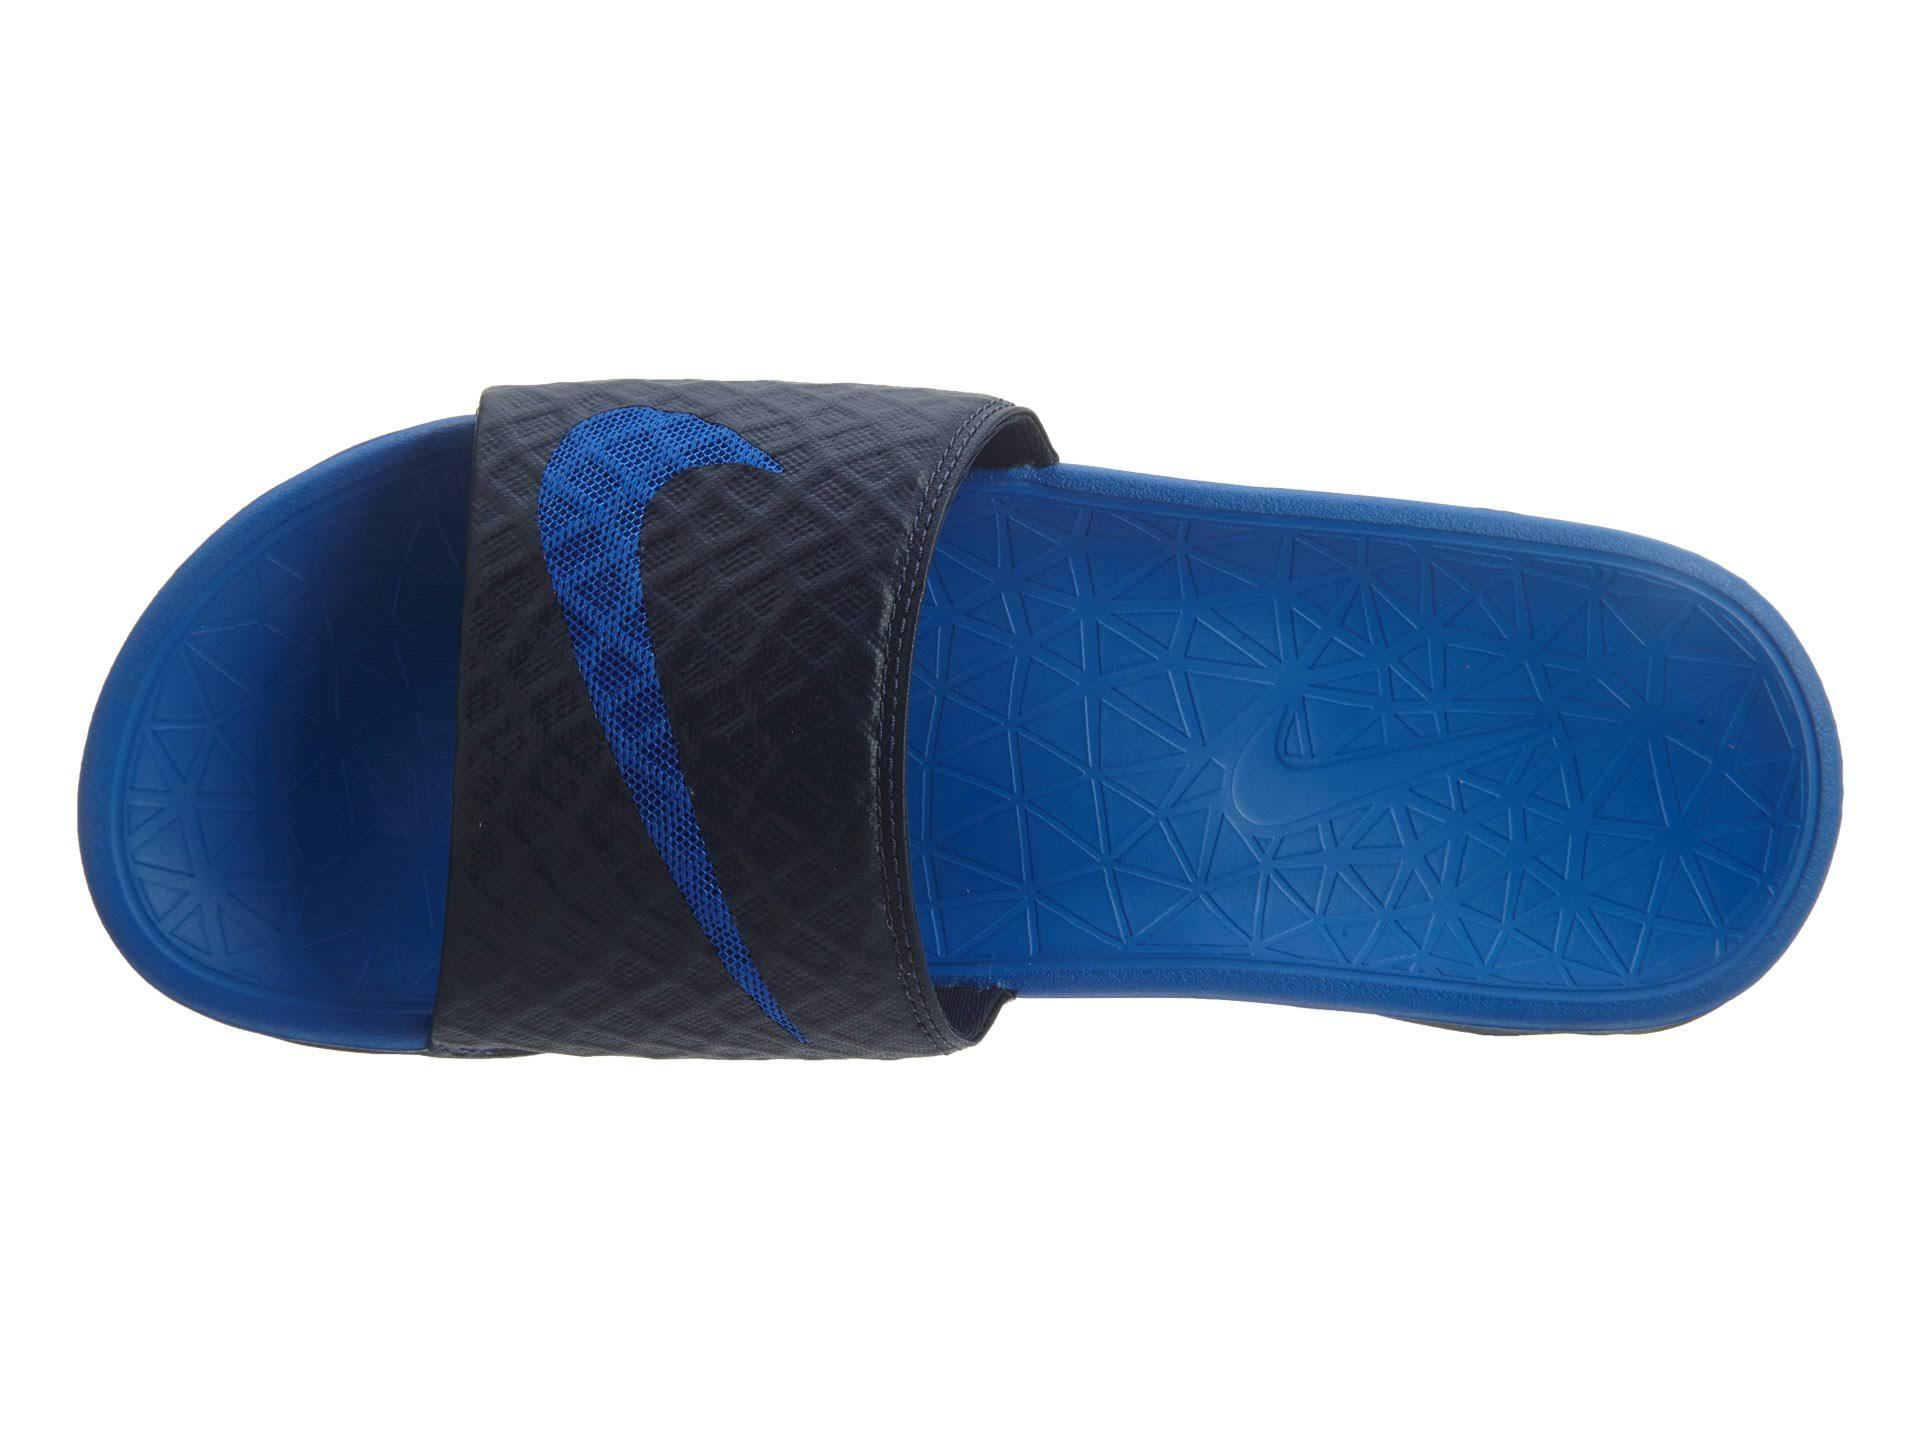 9 Solarsoft Talla 2 Nike Slide Benassi 705474440 Navy Hombre Midnight 6nRnOfTA